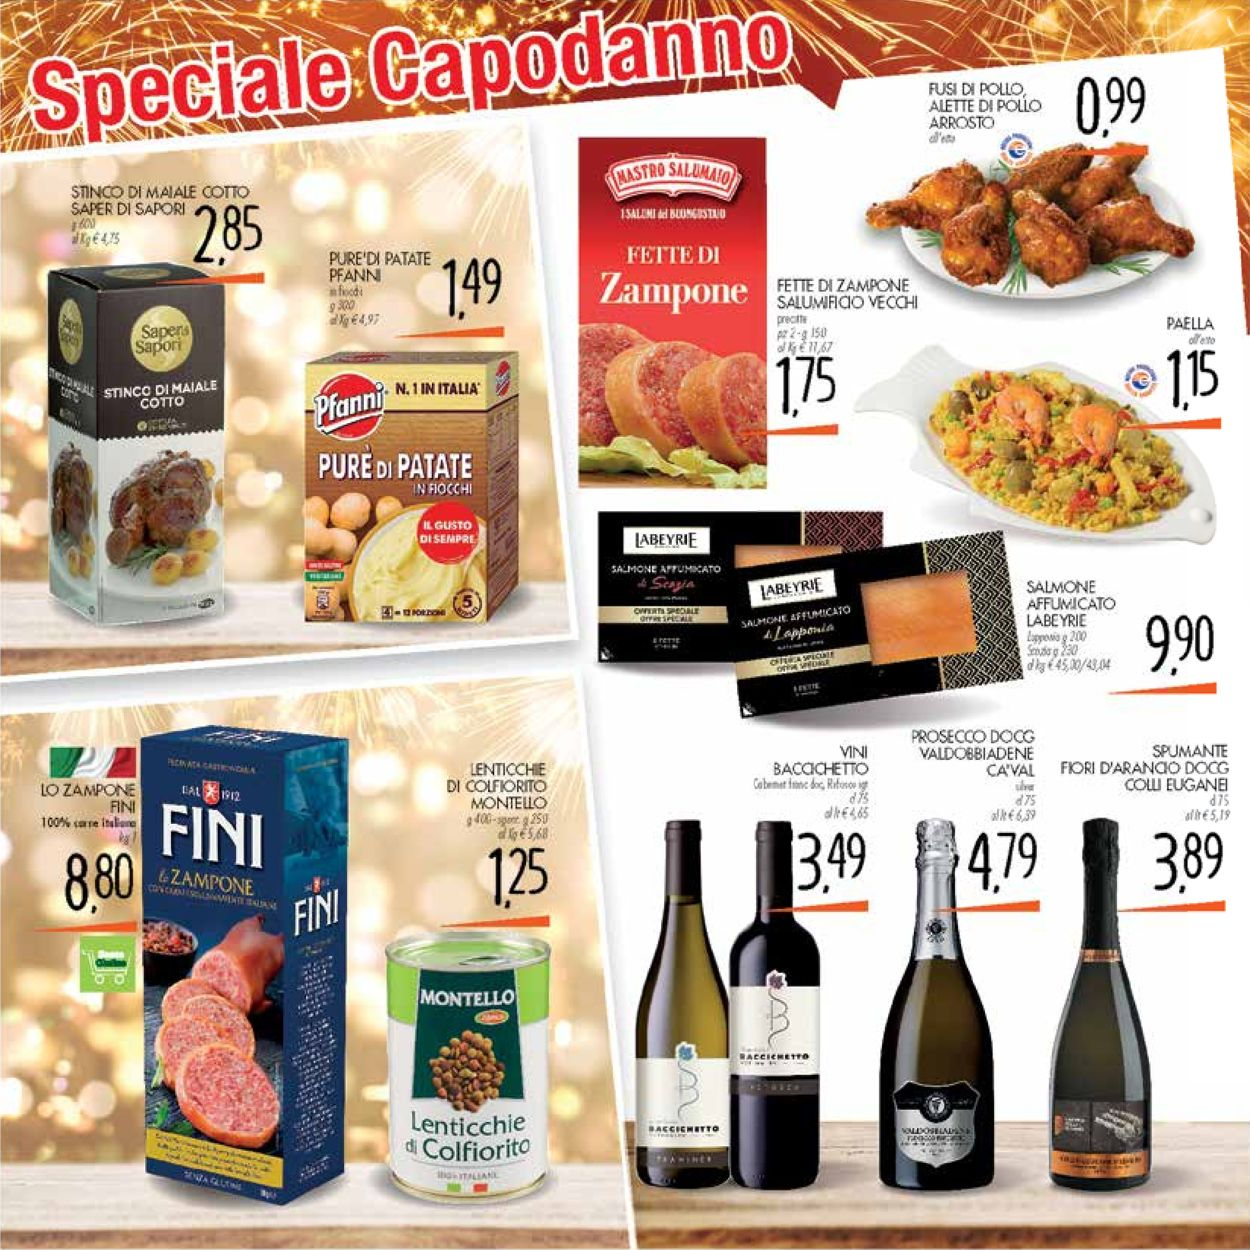 Volantino Emisfero -  Capodanno 2021 - Offerte 29/12-06/01/2021 (Pagina 2)